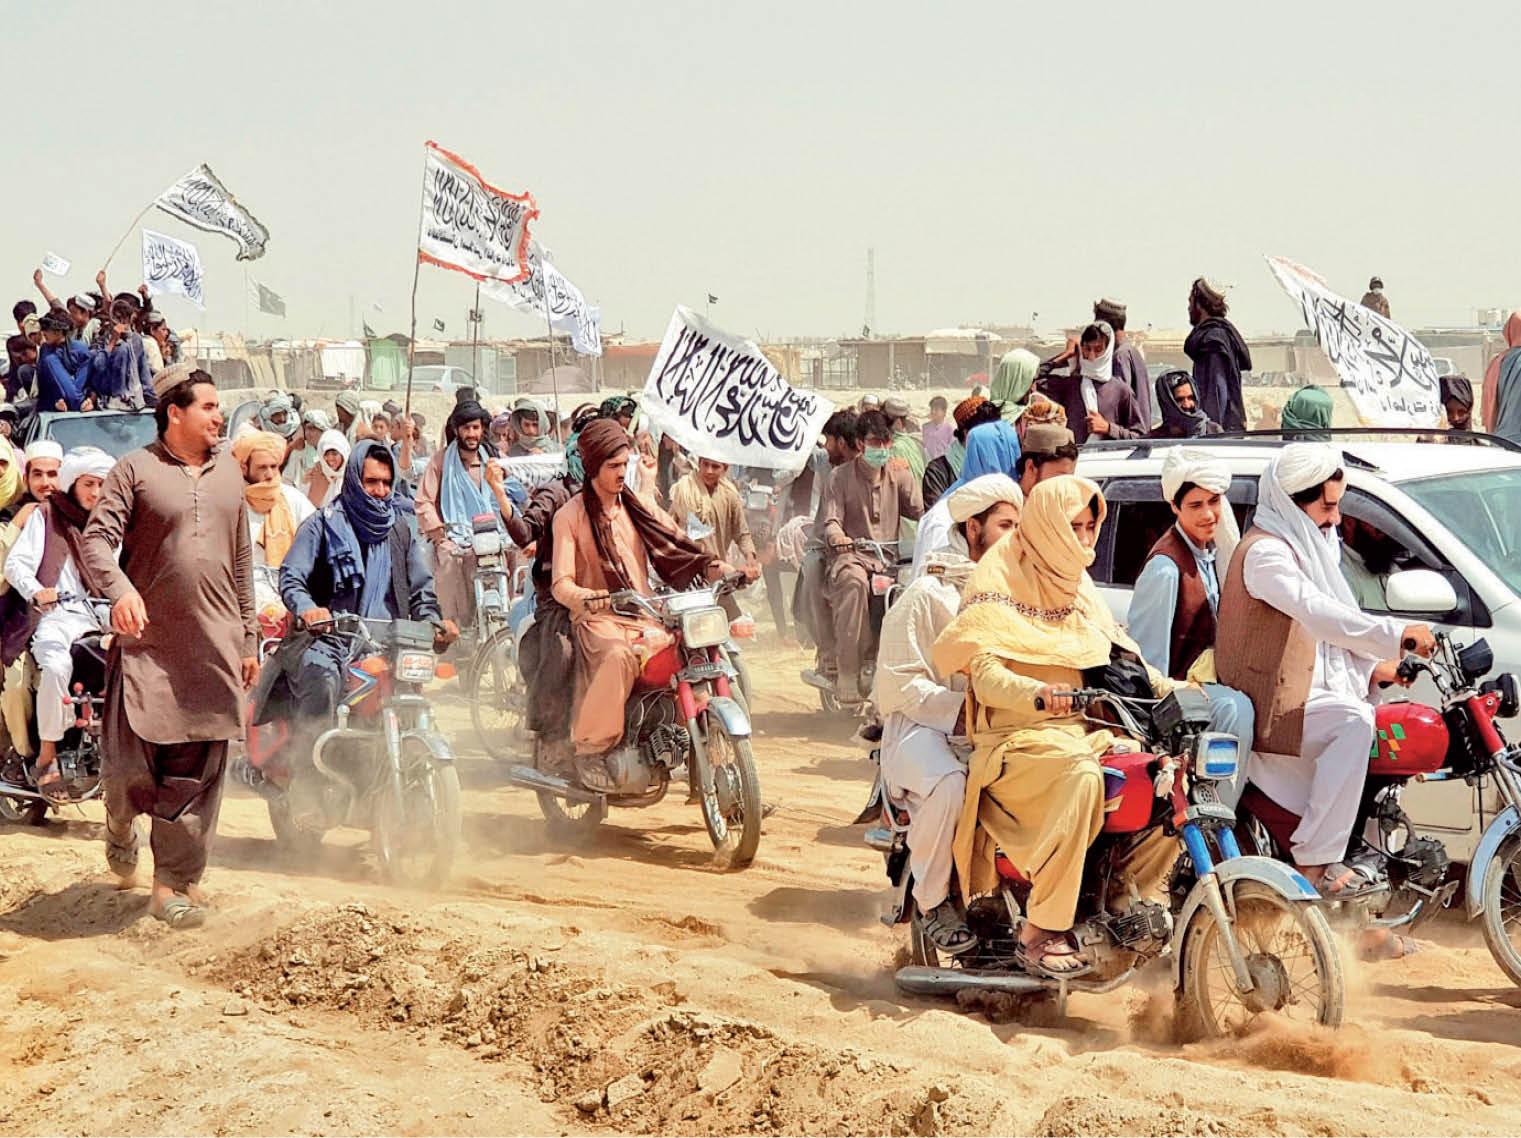 उपराष्ट्रपति अमरुल्ला सालेह का आरोप- तालिबान को हवाई सहायता और अफगान को चेतावनी दे रहा पाकिस्तान|विदेश,International - Dainik Bhaskar